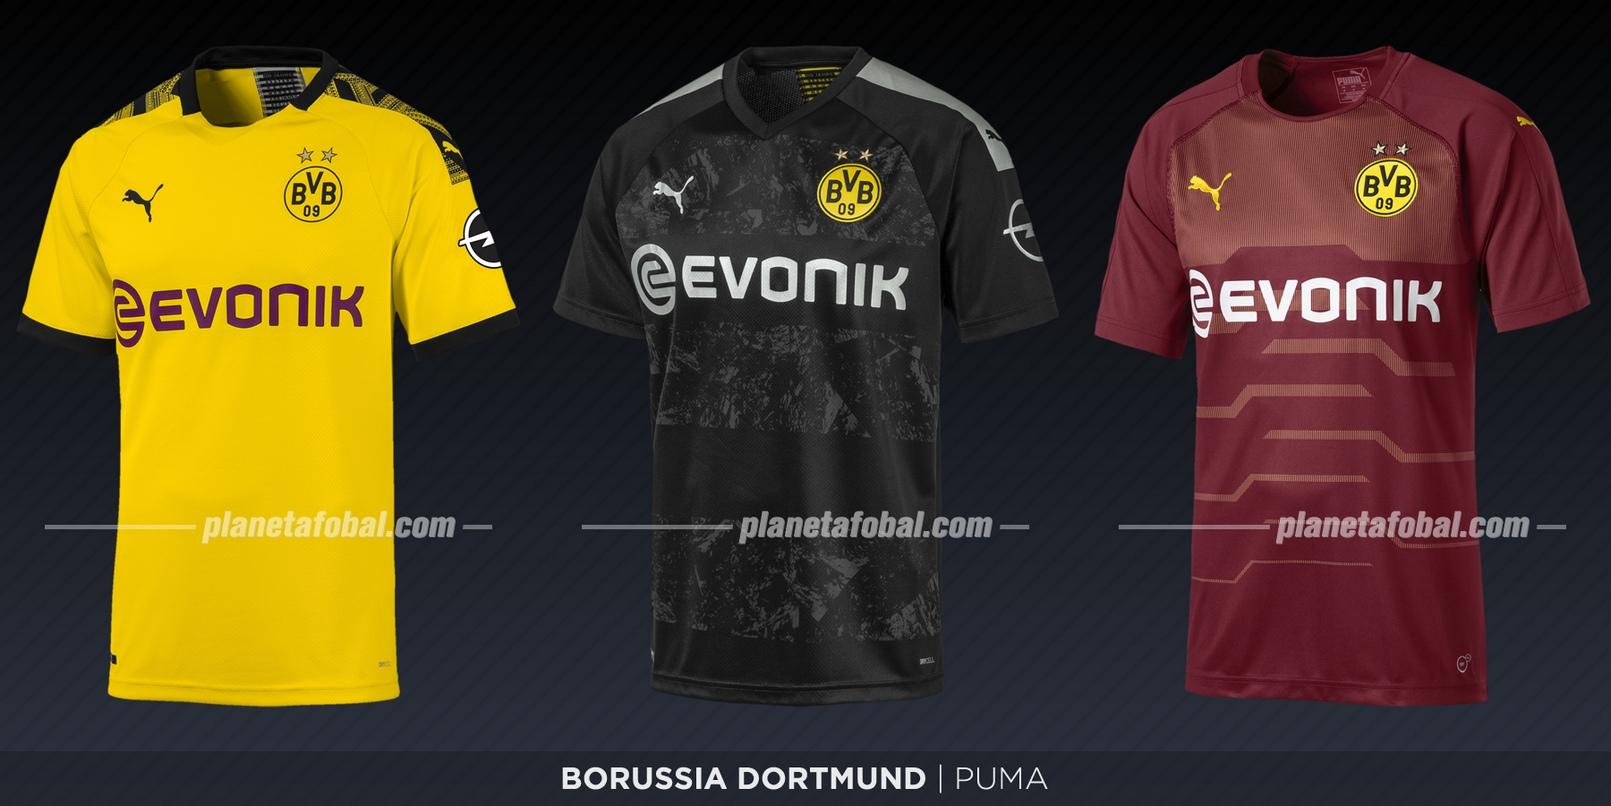 Borussia Dortmund (Puma) | Camisetas de la Bundesliga 2019-2020